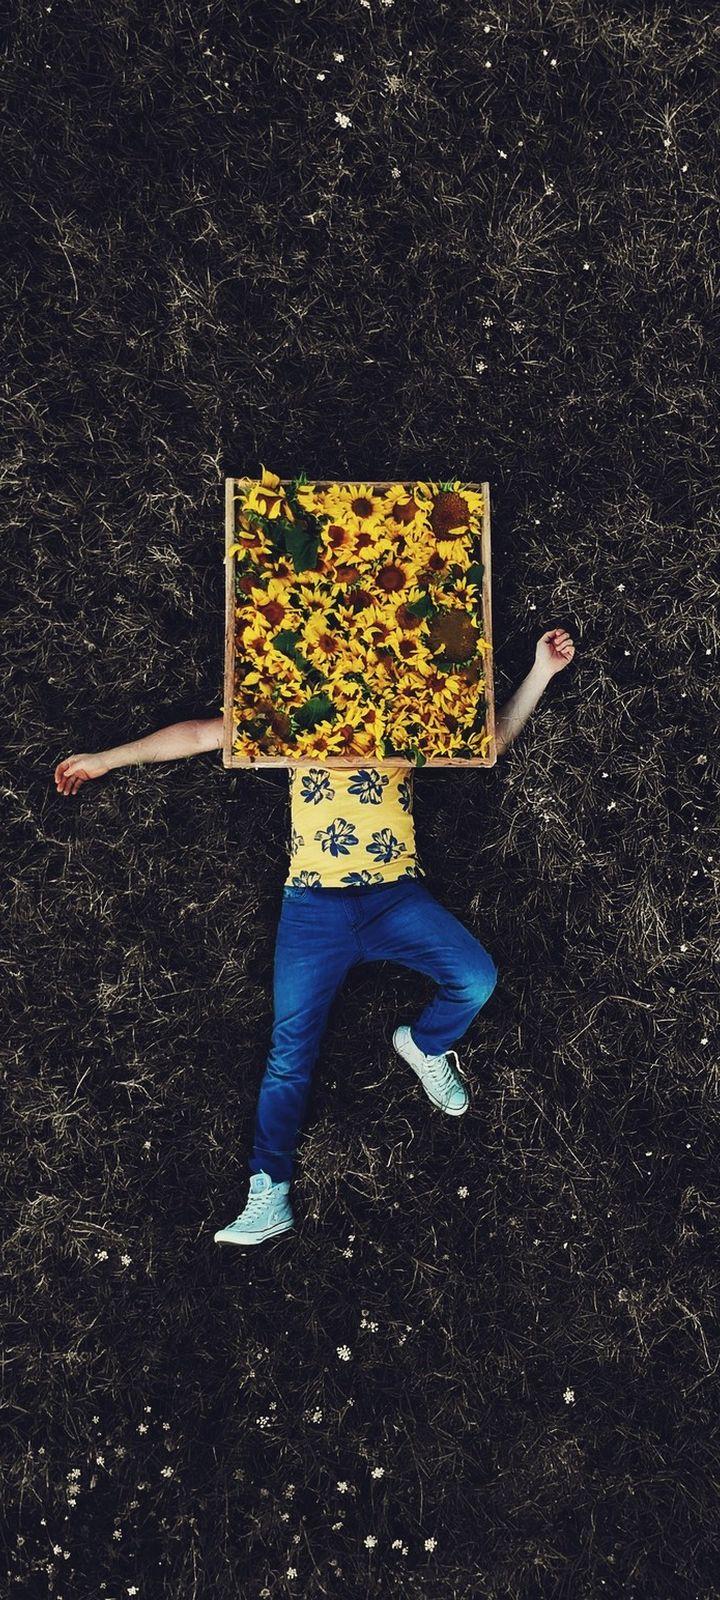 Lonely Field Flowers Wallpaper 720x1600